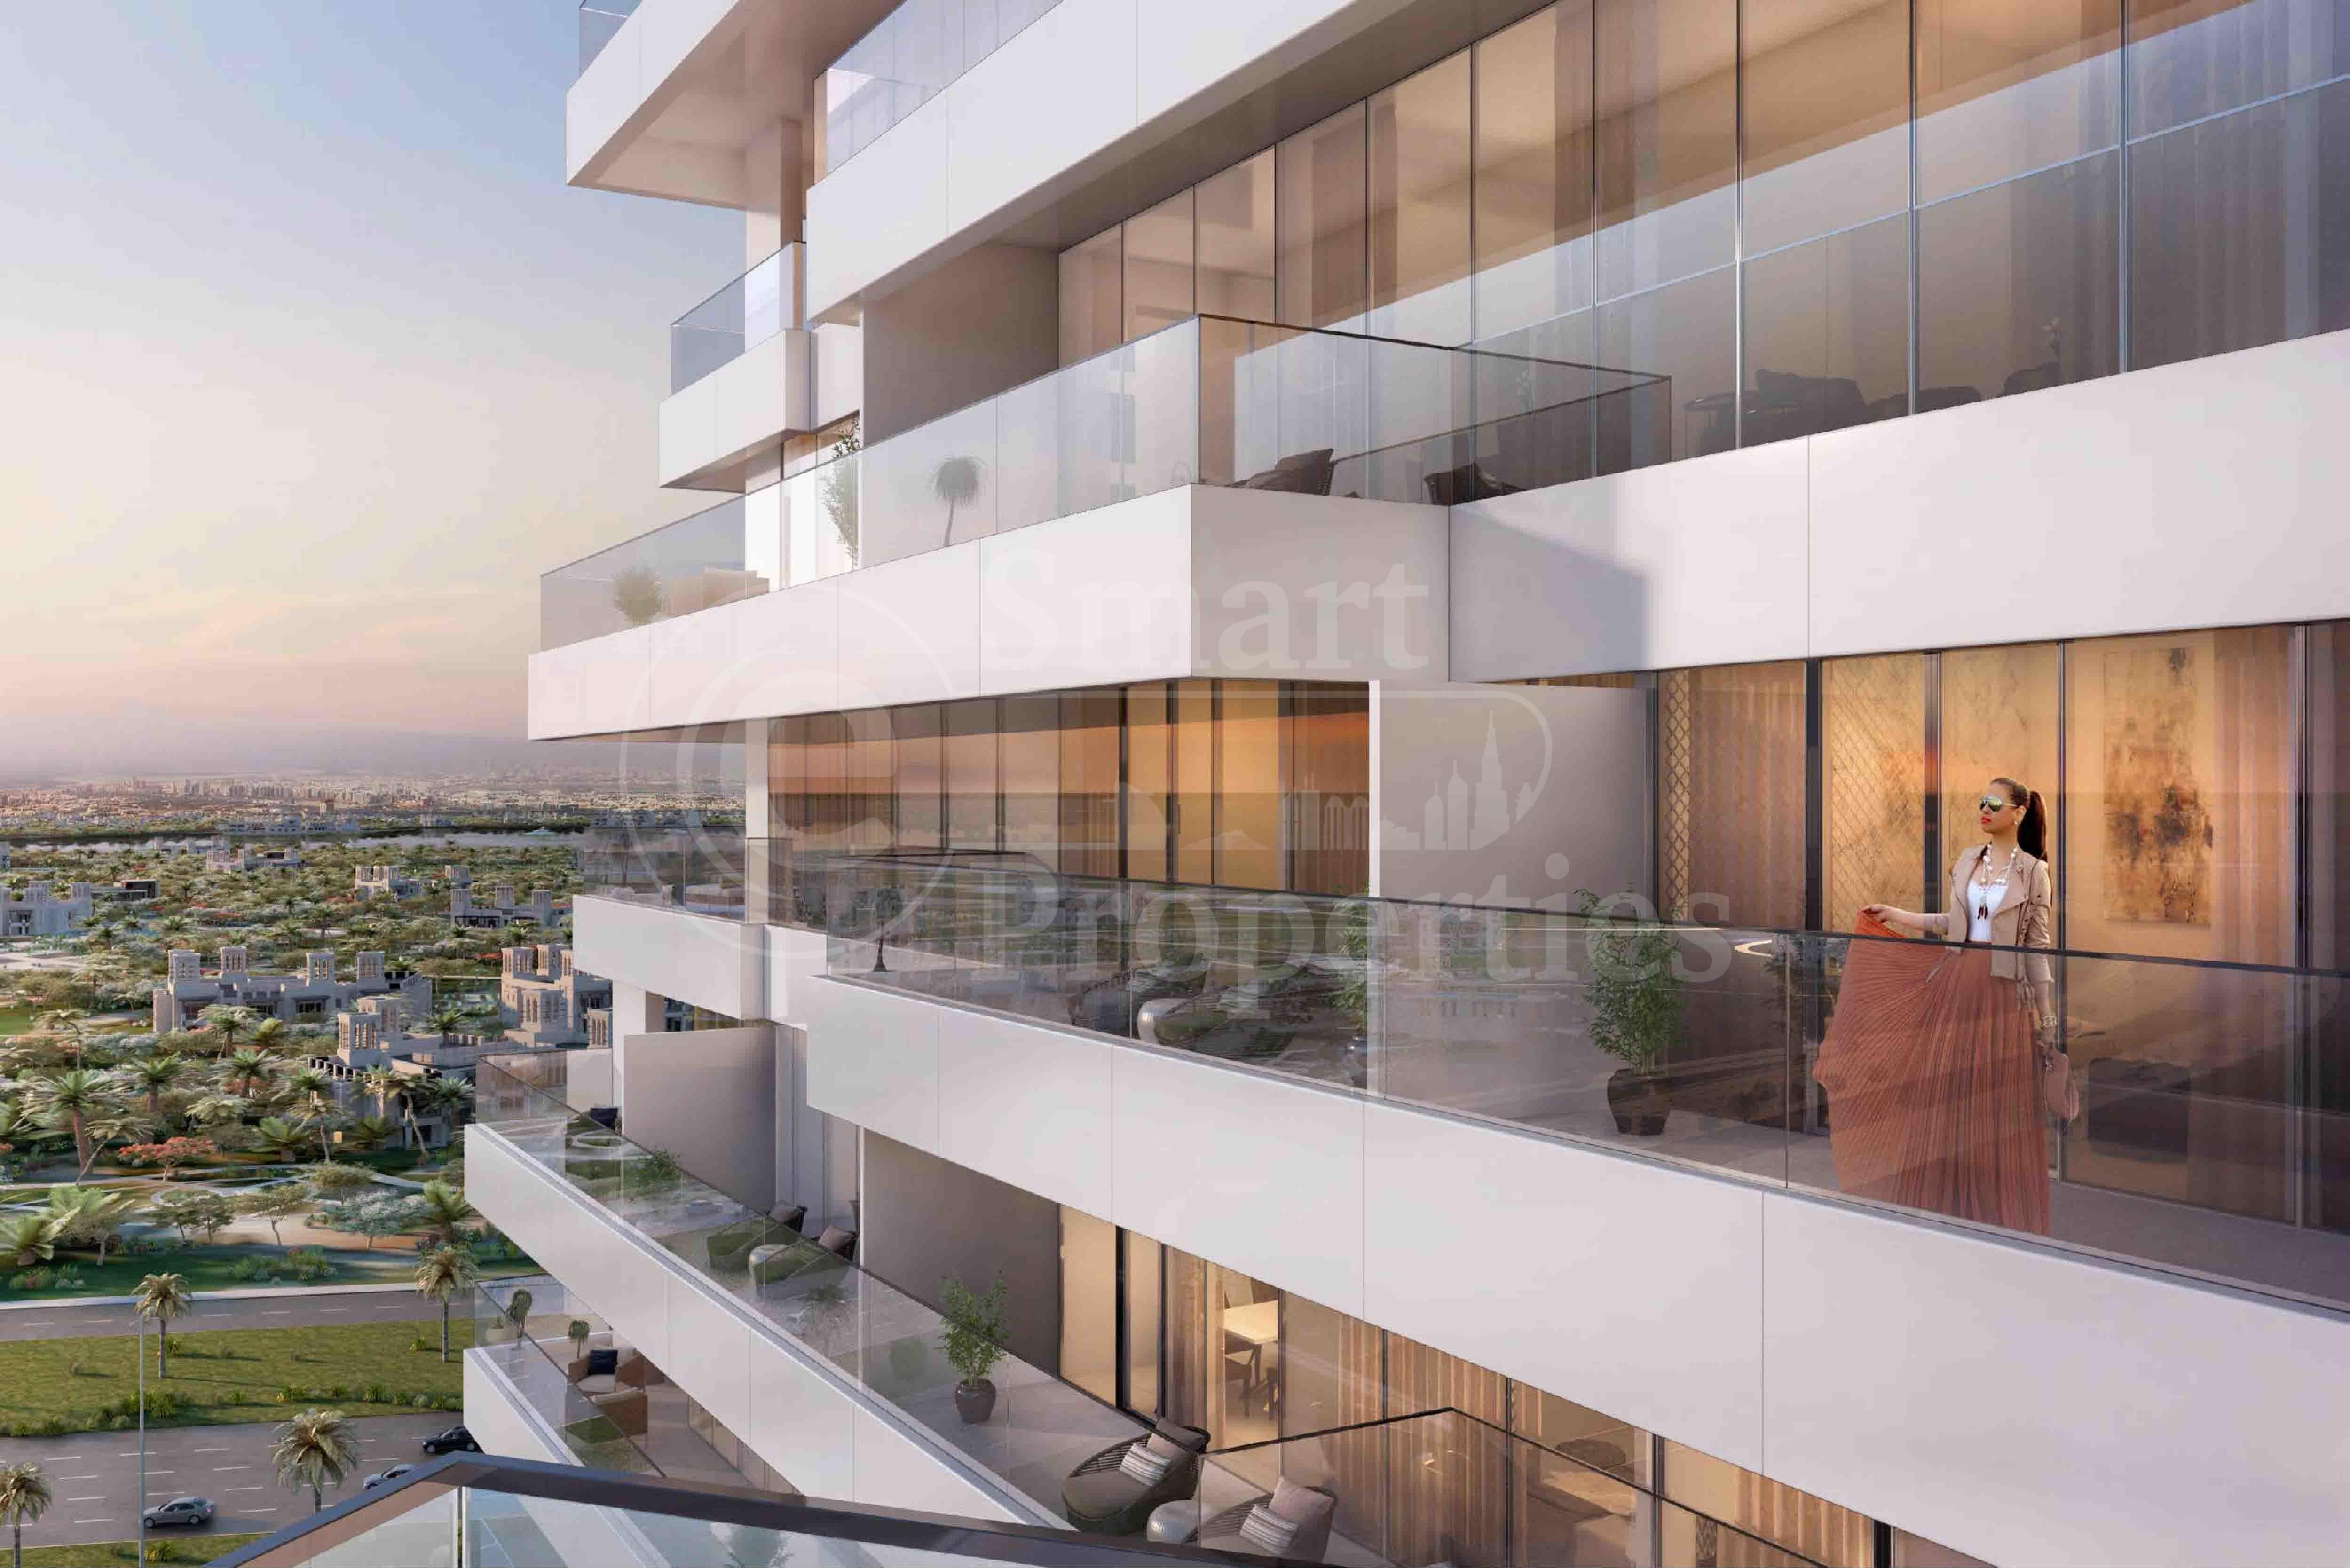 ... HealthcareCityStudio Apartment In Dubai HealthcareCityStudio Apartment  In Dubai HealthcareCityStudio Apartment In Dubai HealthcareCityStudio  Apartment ...